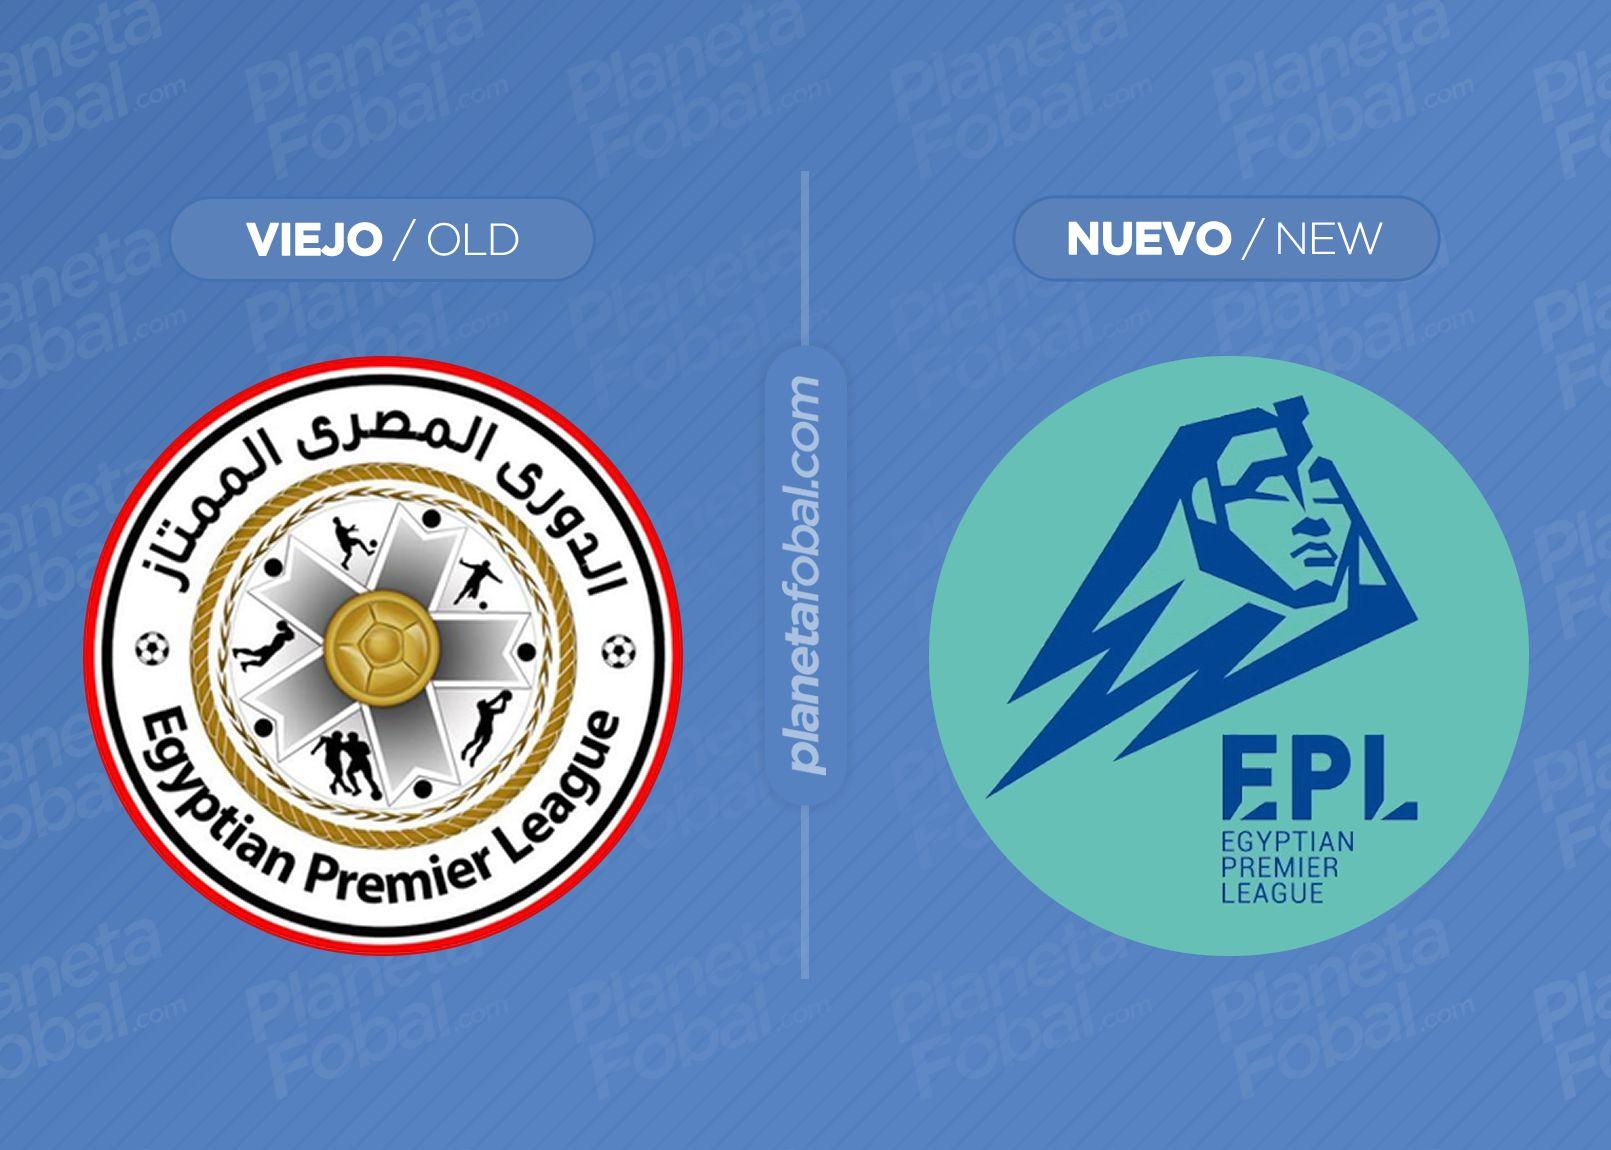 La Premier League de Egipto presentó su nuevo logo